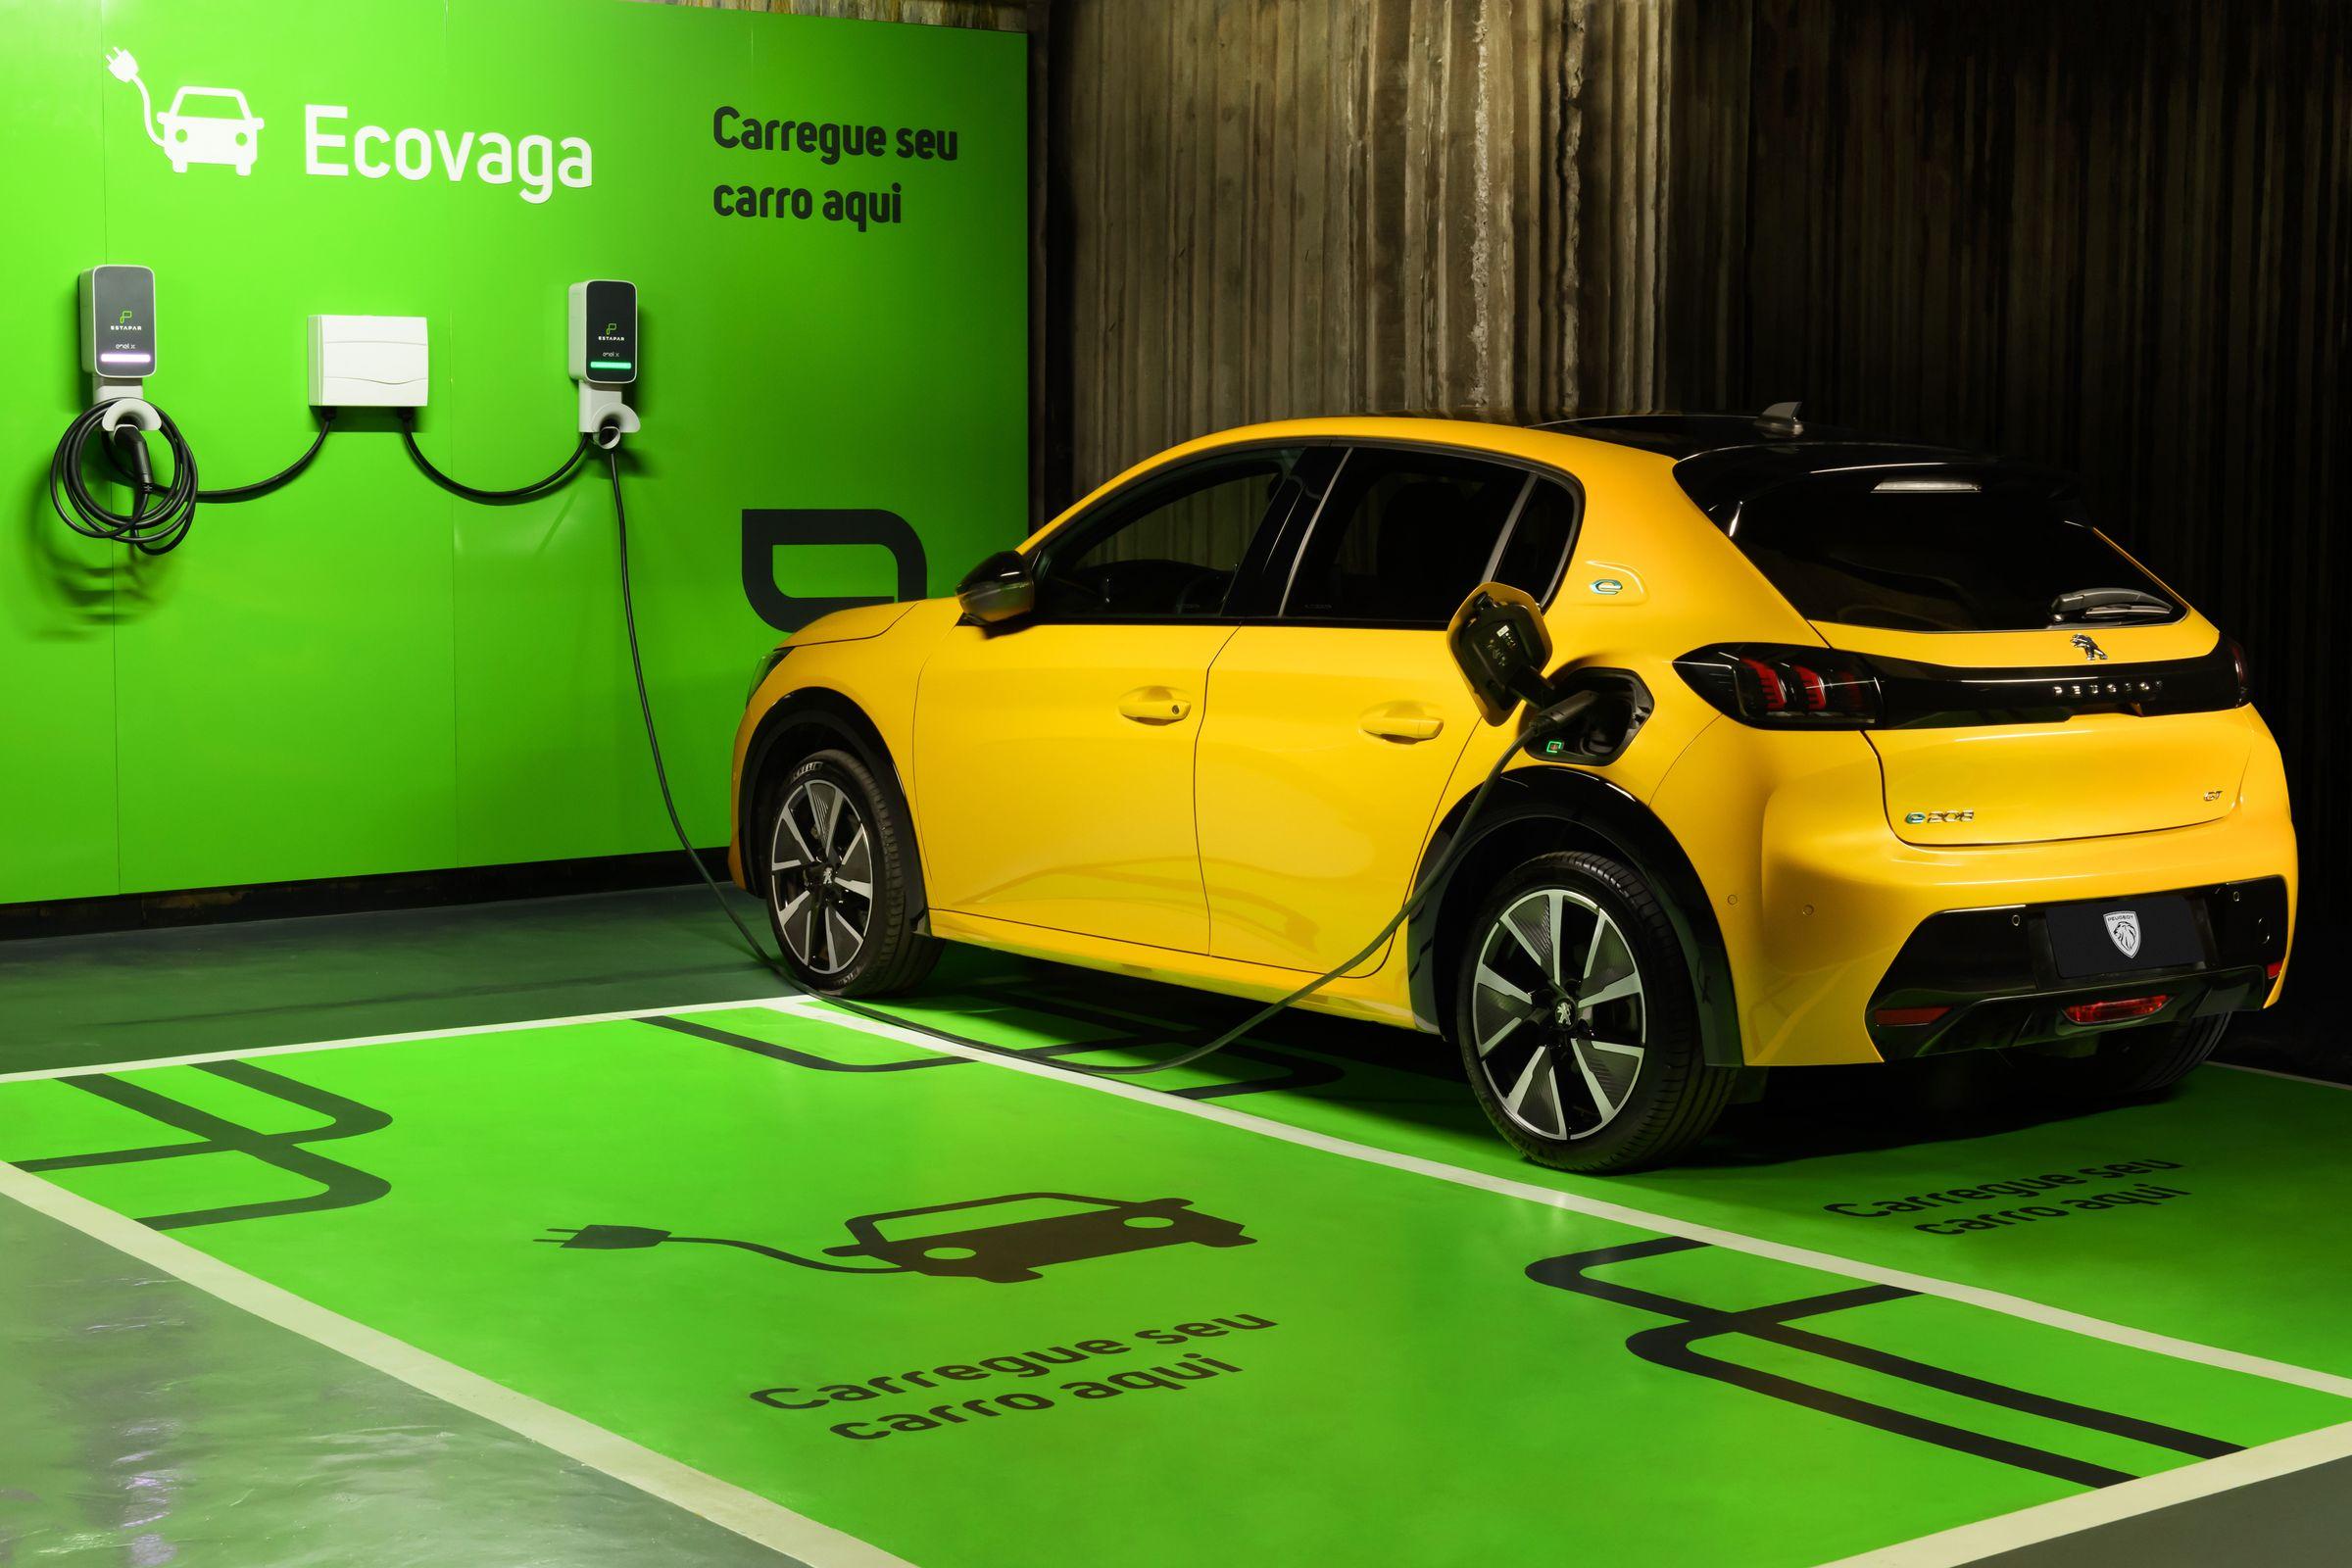 Stellantis faz parceria para instalar 200 pontos de recarga para carros elétricos no Brasil